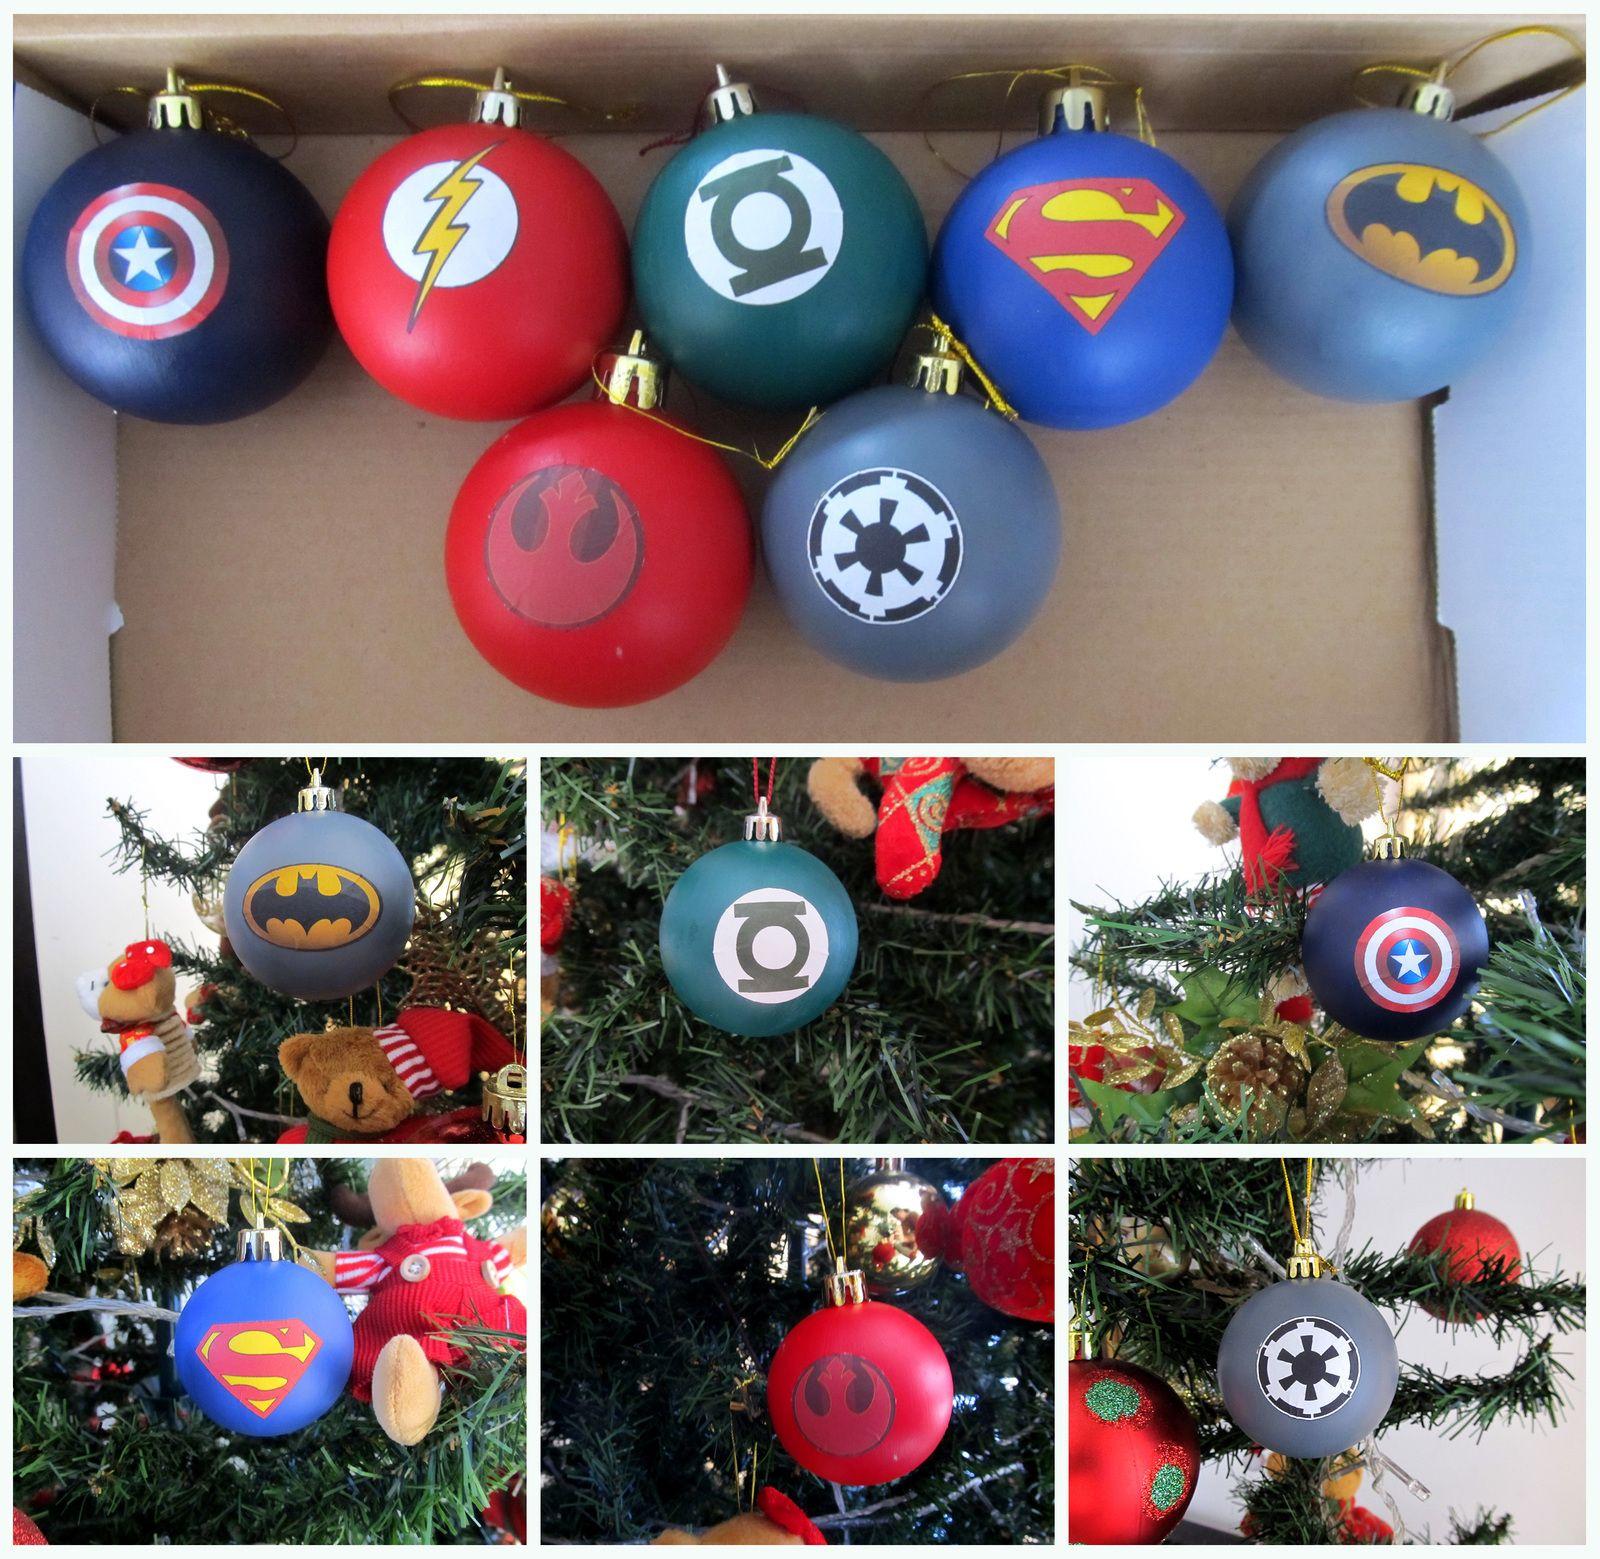 Geek Christmas Ornaments.Geek Christmas Balls Holiday S Christmas